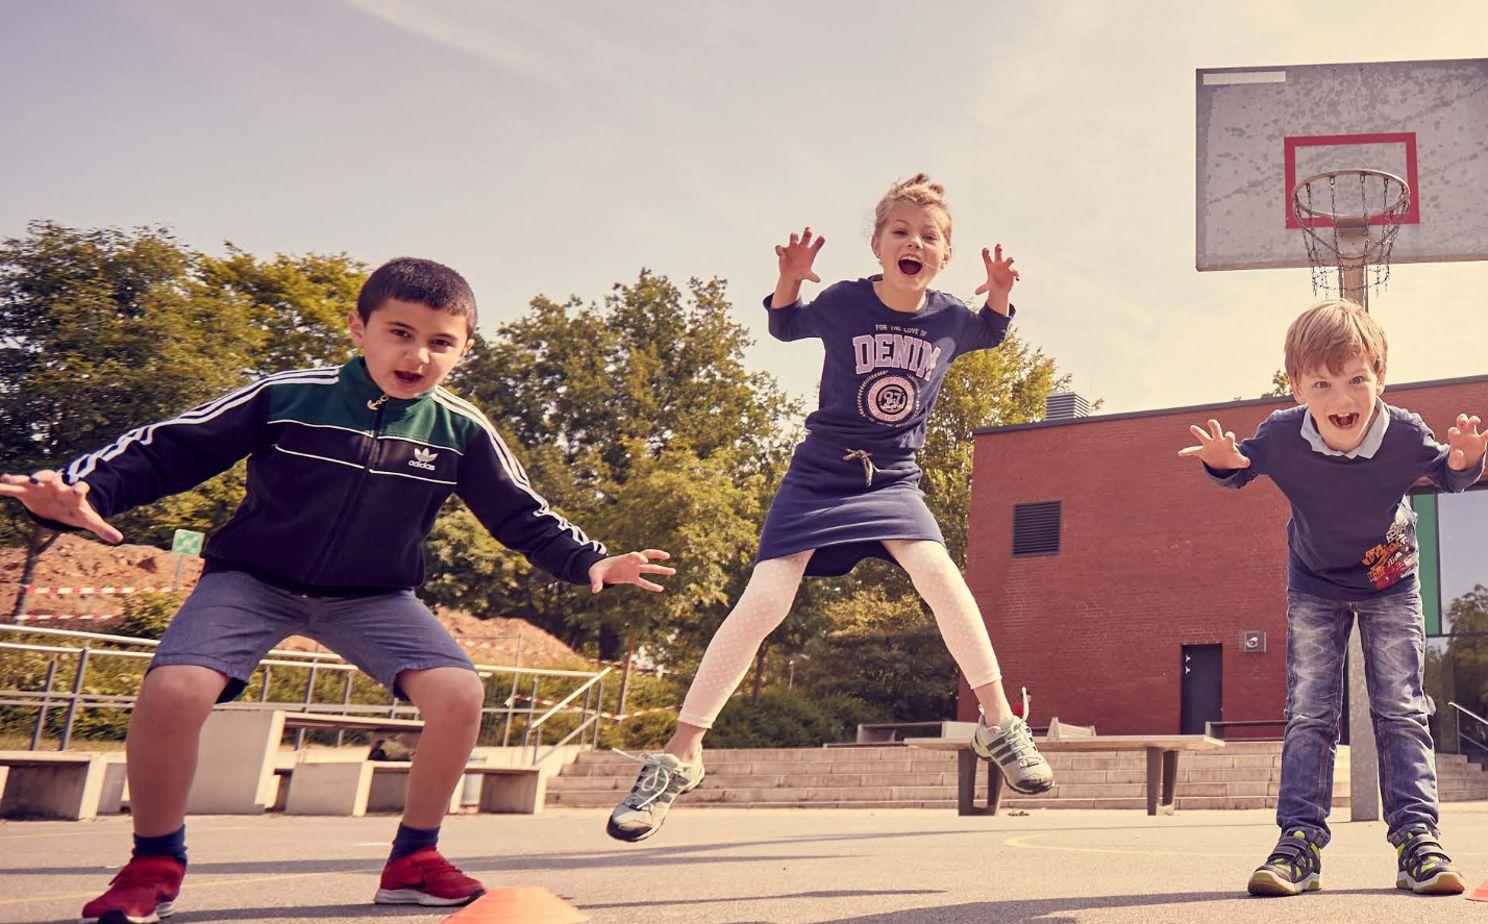 Spiele und Übungen zum Thema Nähe und Distanz